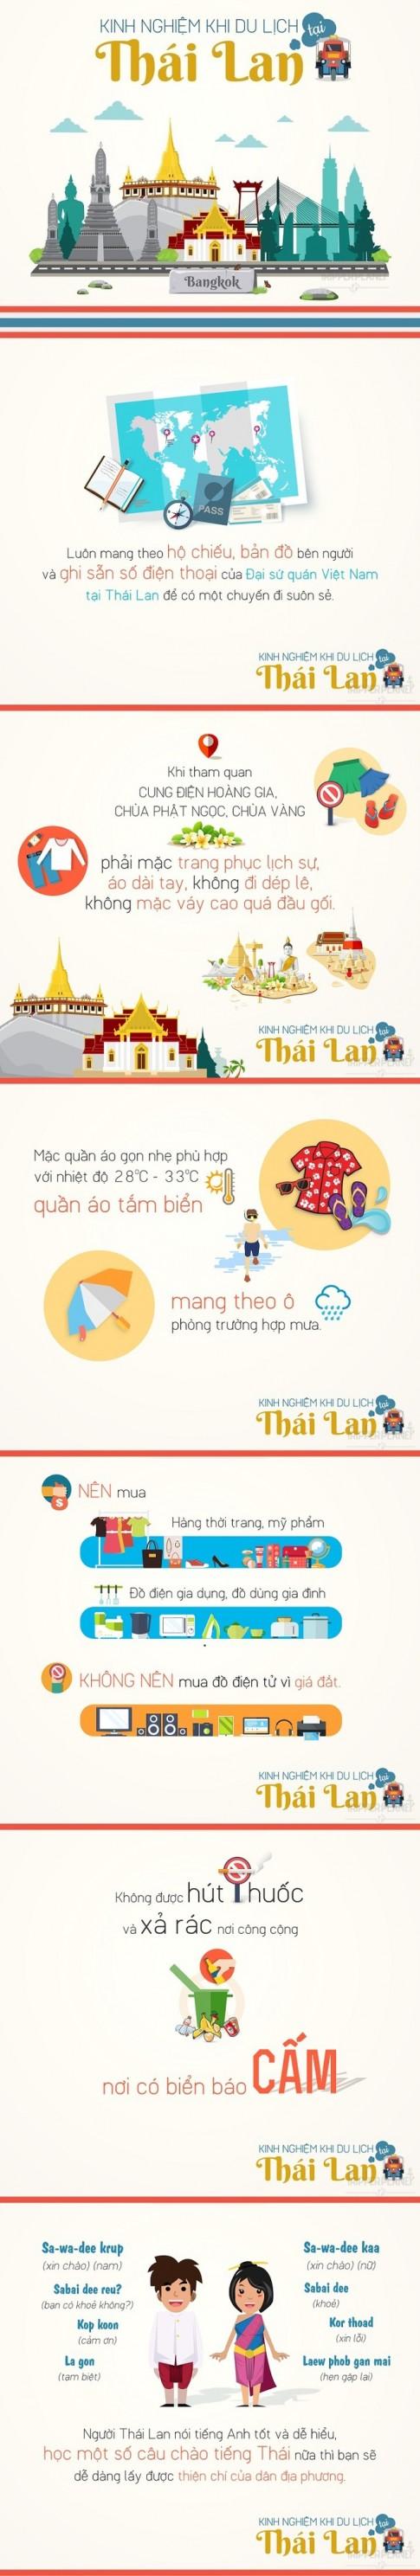 Kinh nghiệm bỏ túi khi du lịch Thái Lan